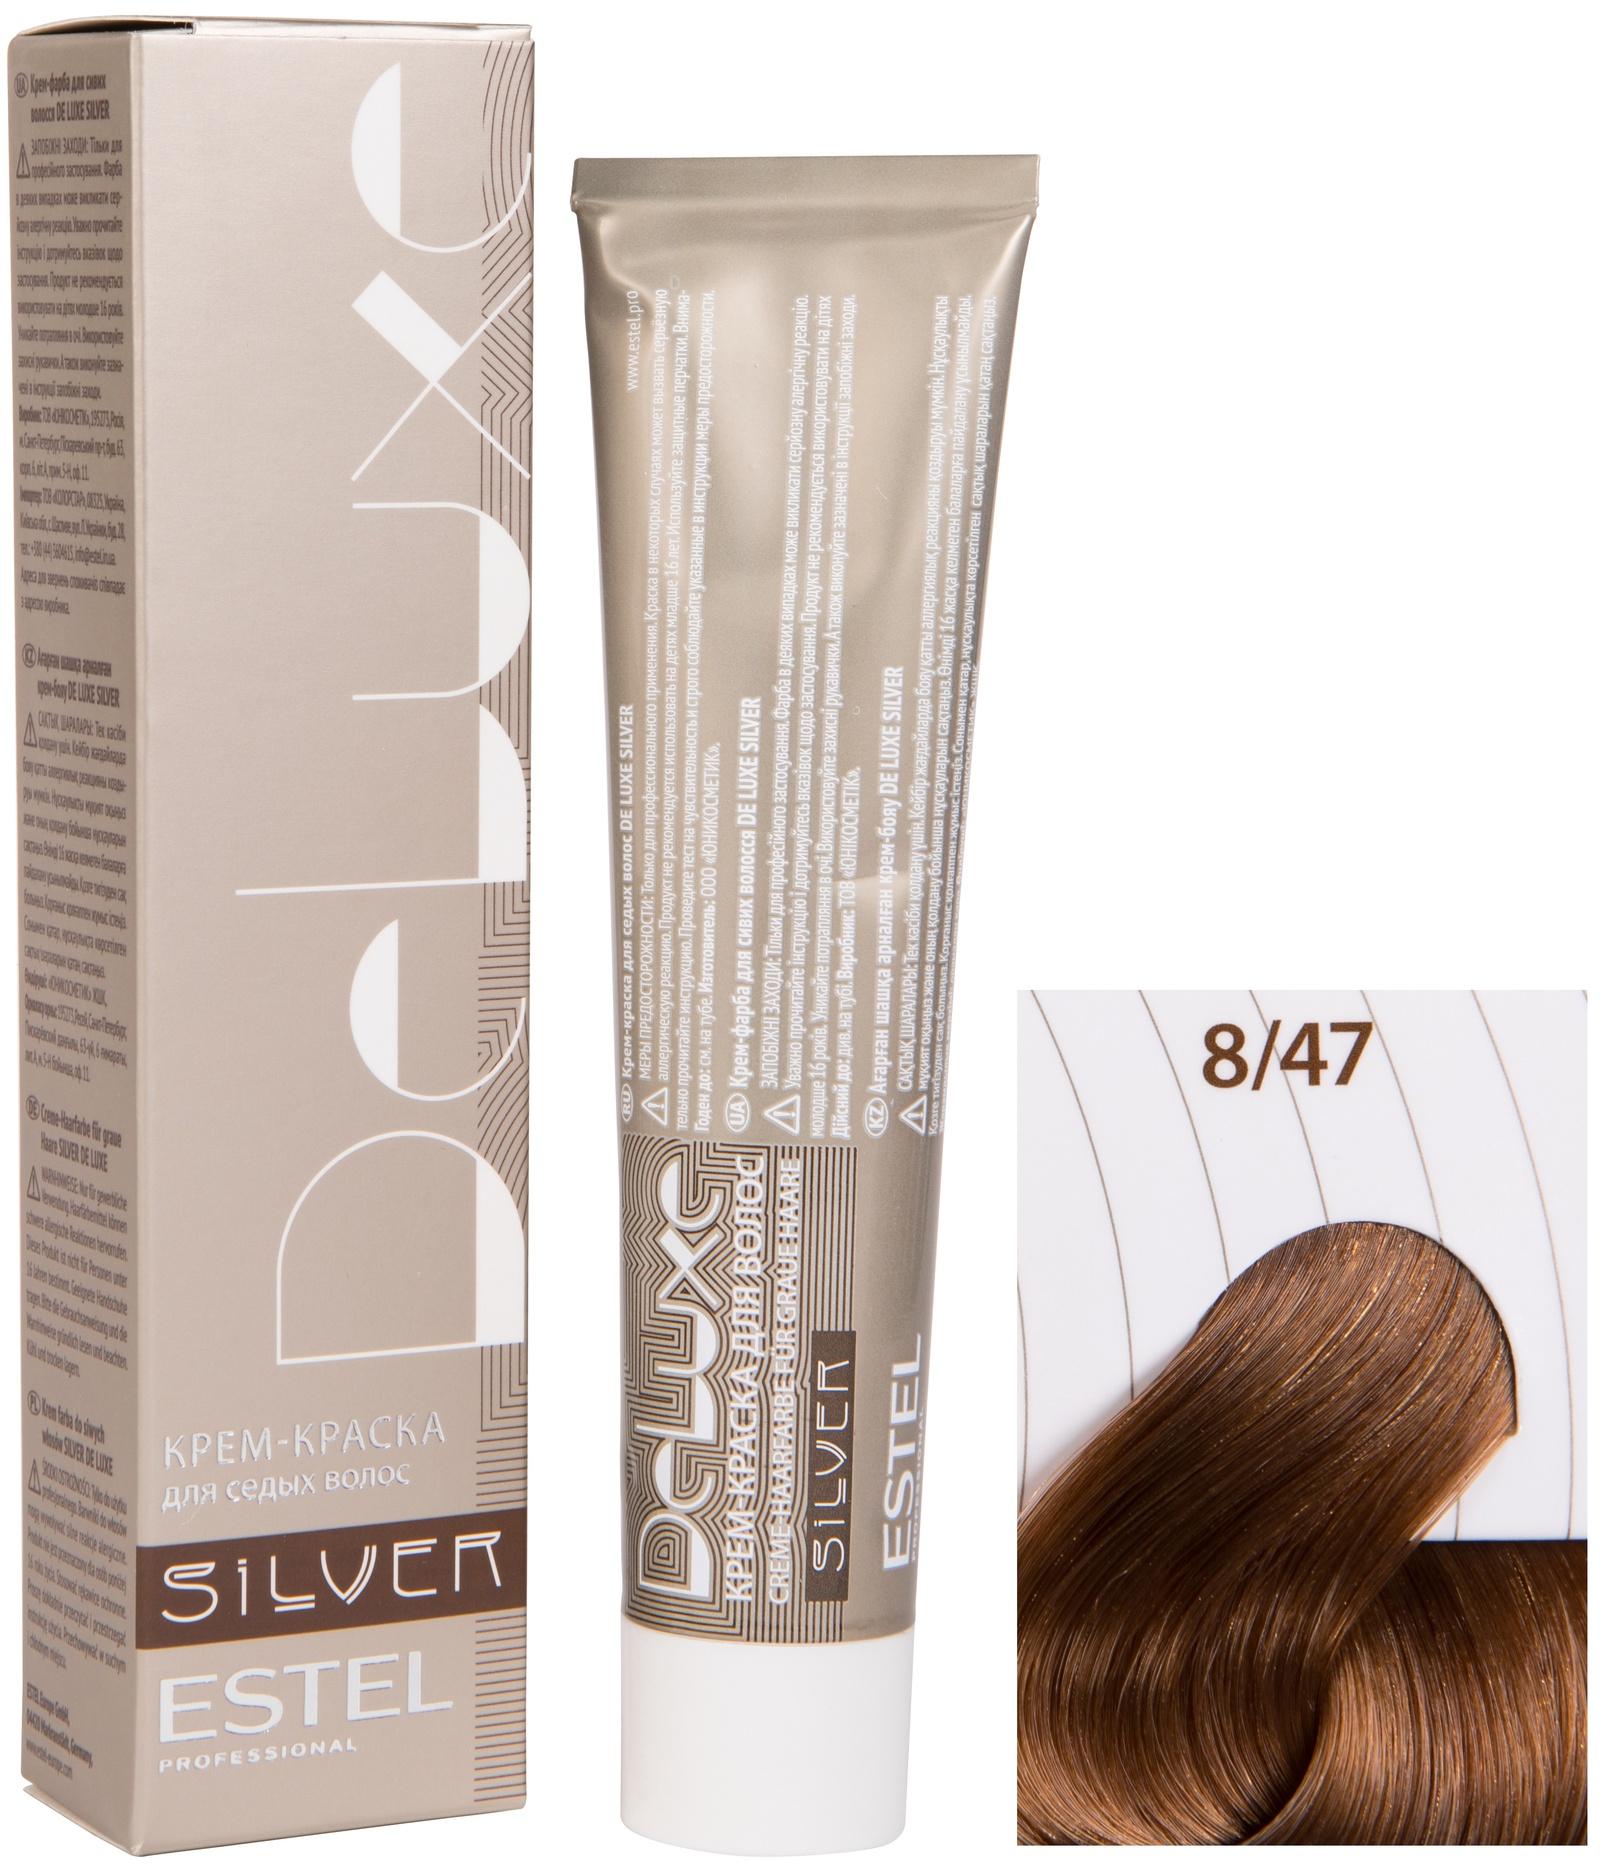 Краска для волос ESTEL PROFESSIONAL 8/47 краска-уход DE LUXE SILVER для окрашивания волос, светло-русый медно-коричневый 60 мл